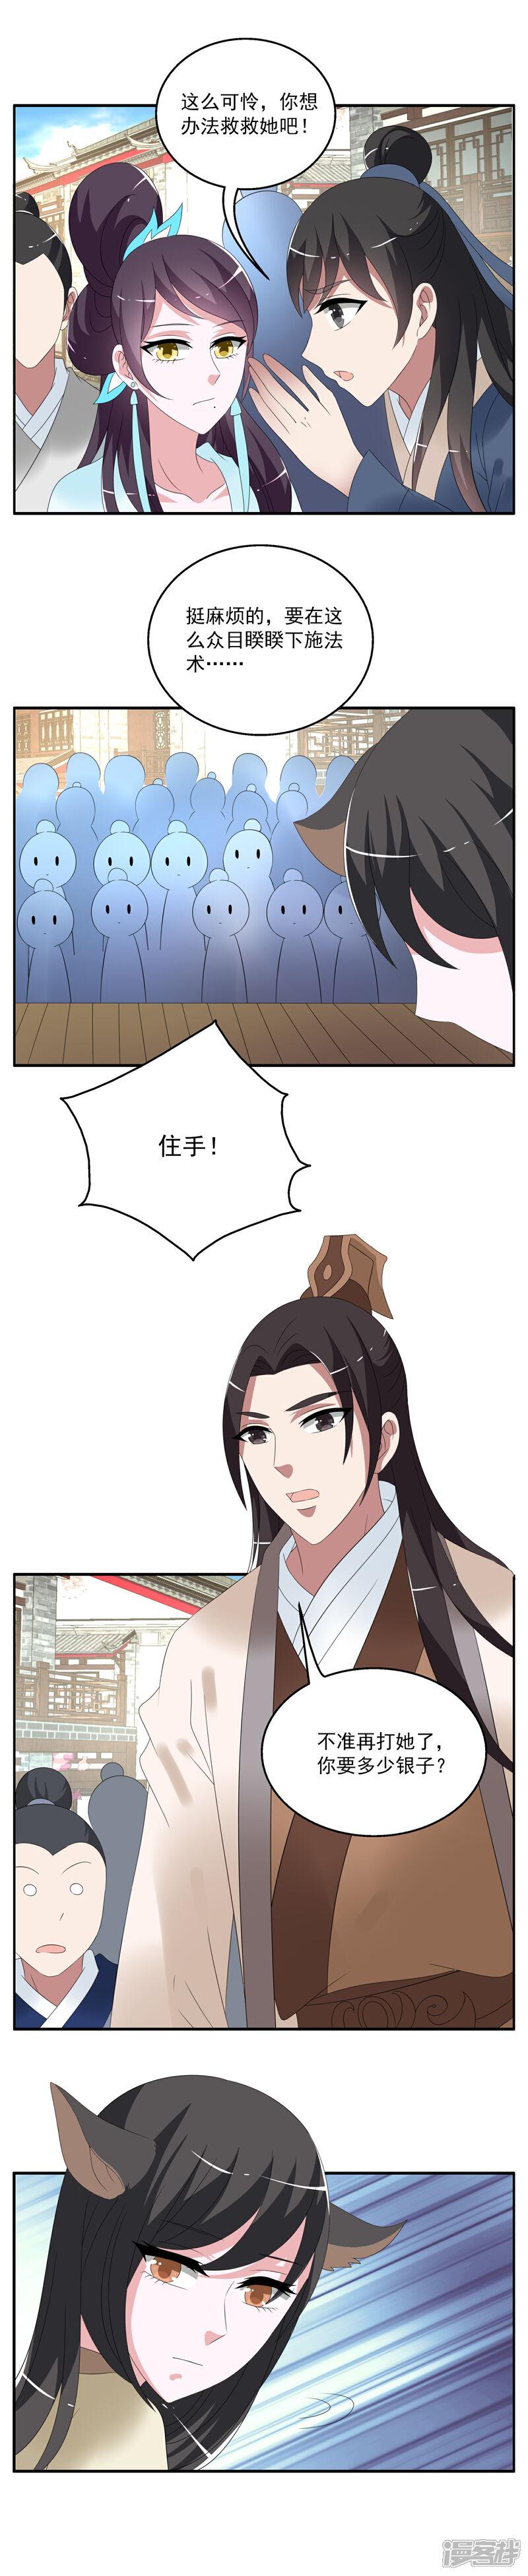 洛小妖151 (6).JPG